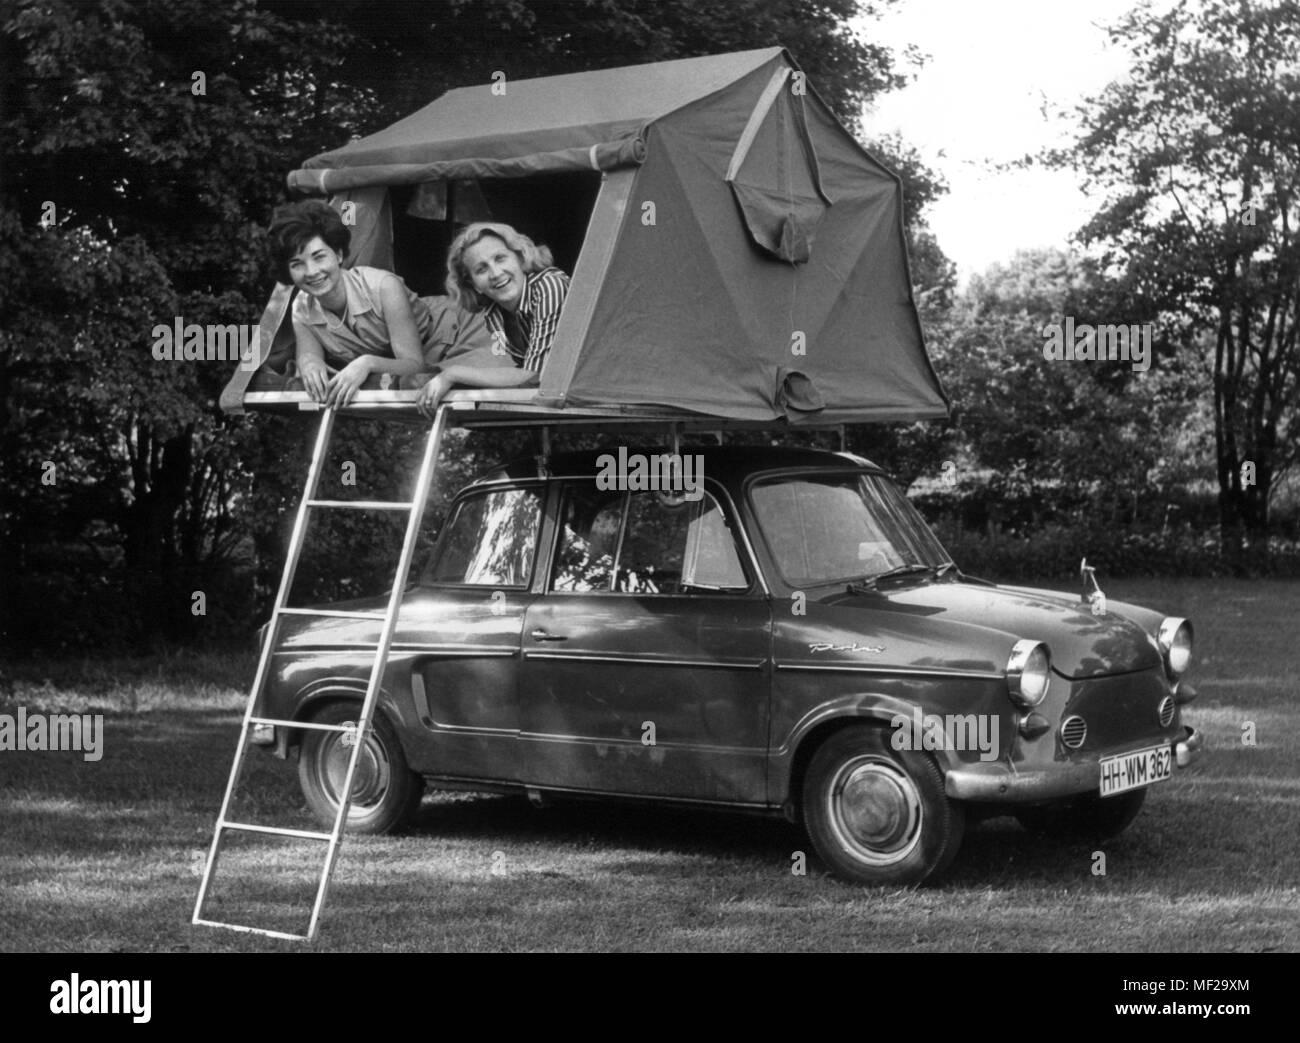 zwei junge frauen liegen in einem wohnmobil dachzelt. Black Bedroom Furniture Sets. Home Design Ideas